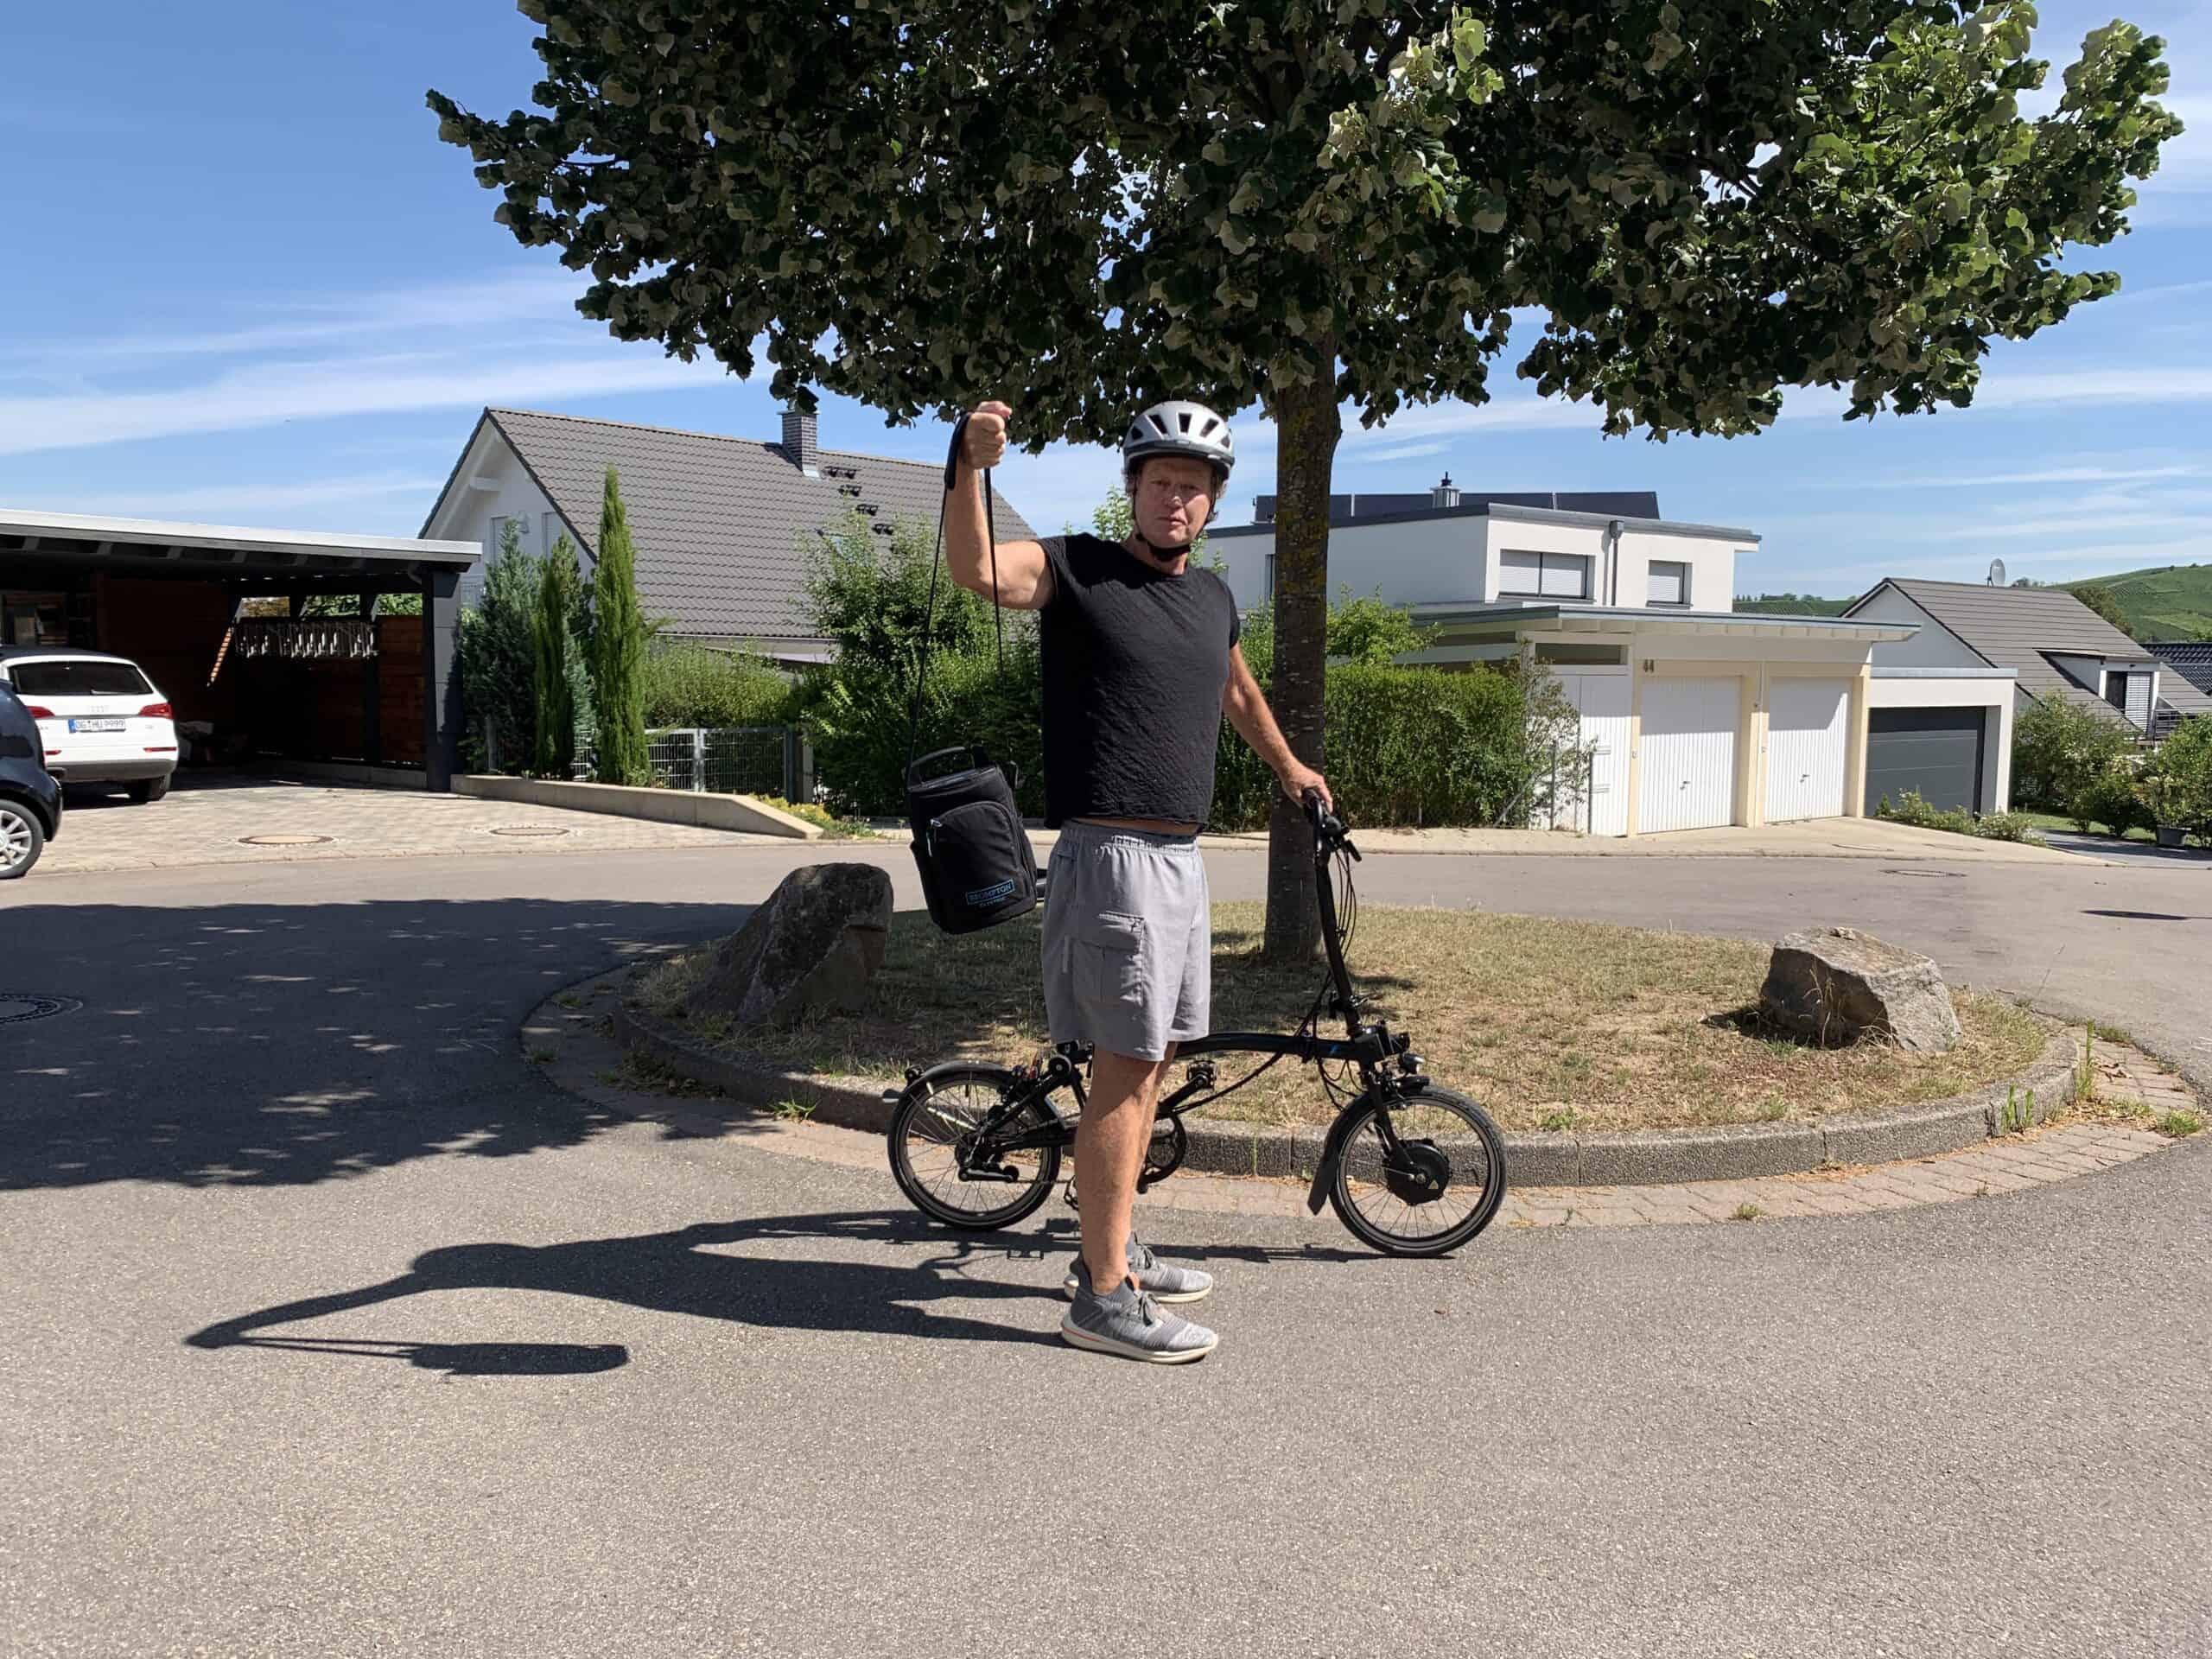 Brompton Electric - E-Faltrad mit Verbesserungspotenzial